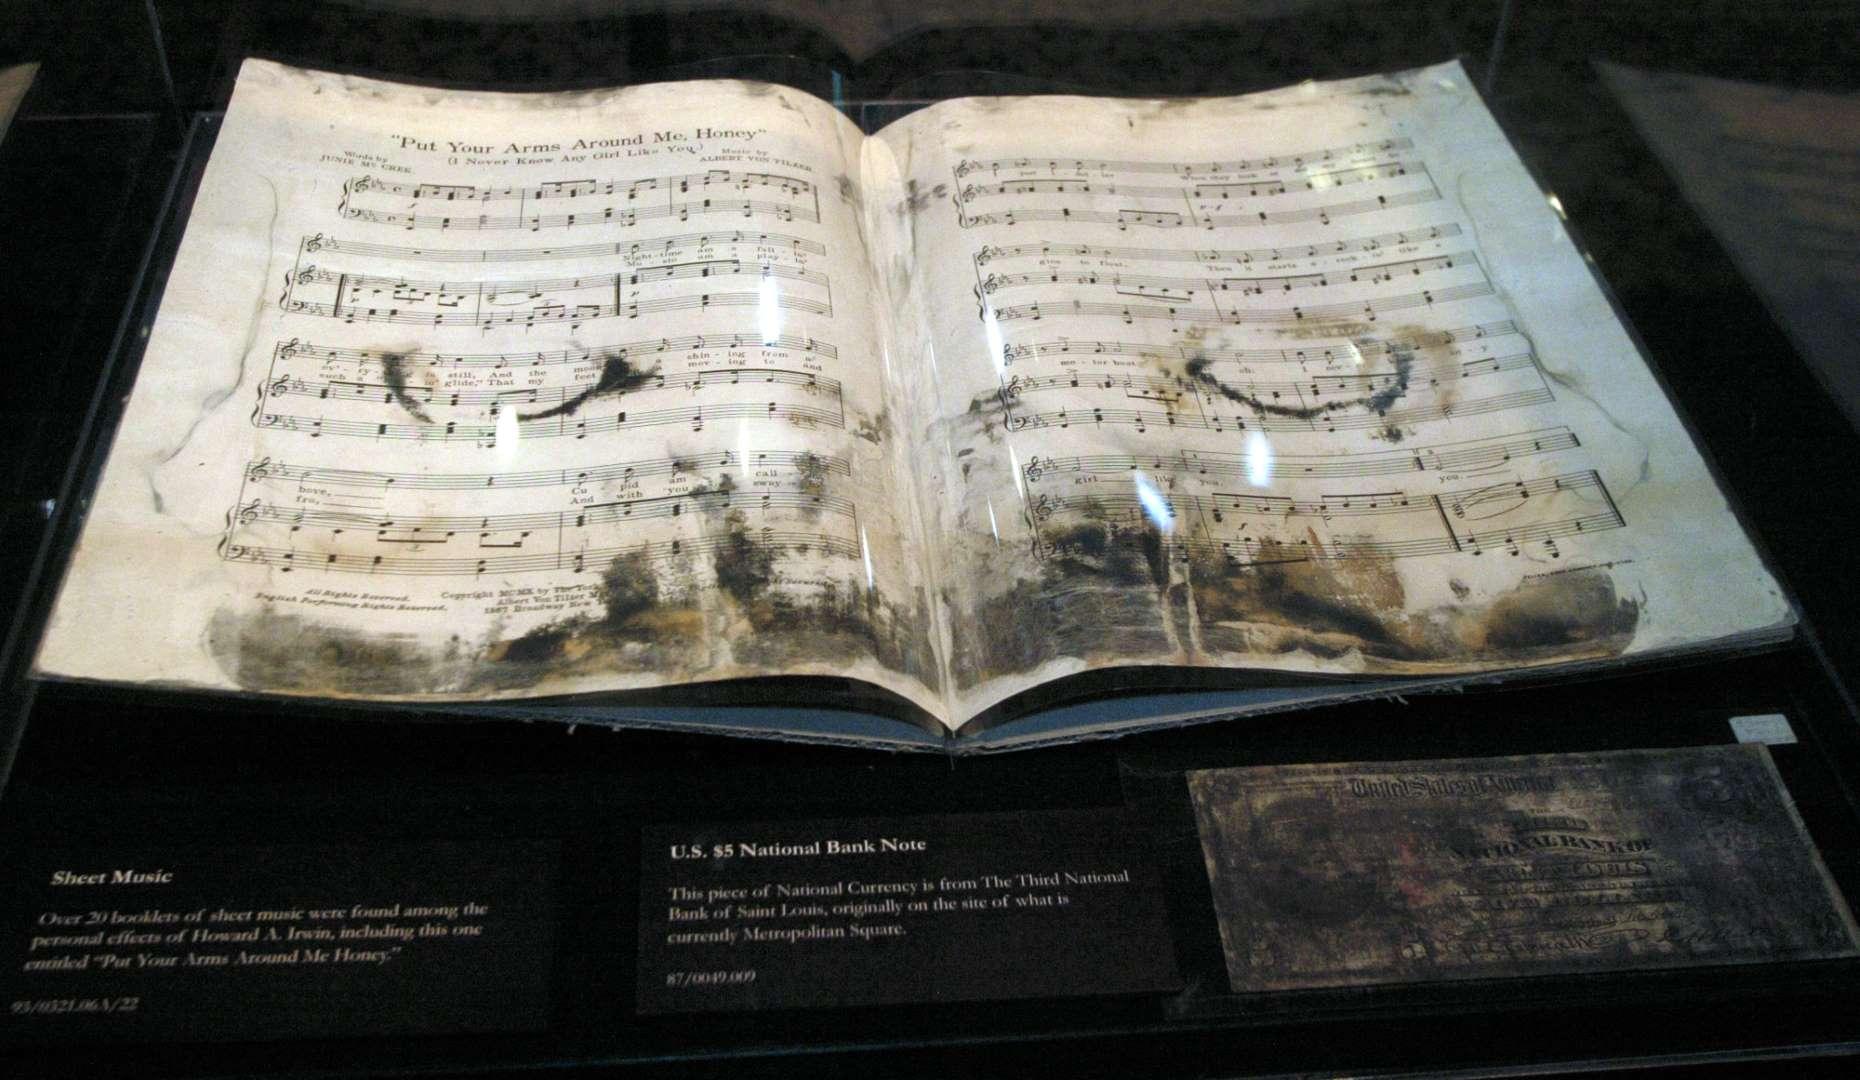 Συγκλονιστικές φωτογραφίες εποχής από τον απόπλου του Τιτανικού, αλλά και από αντικείμενα που διασώθηκαν από το ναυάγιο